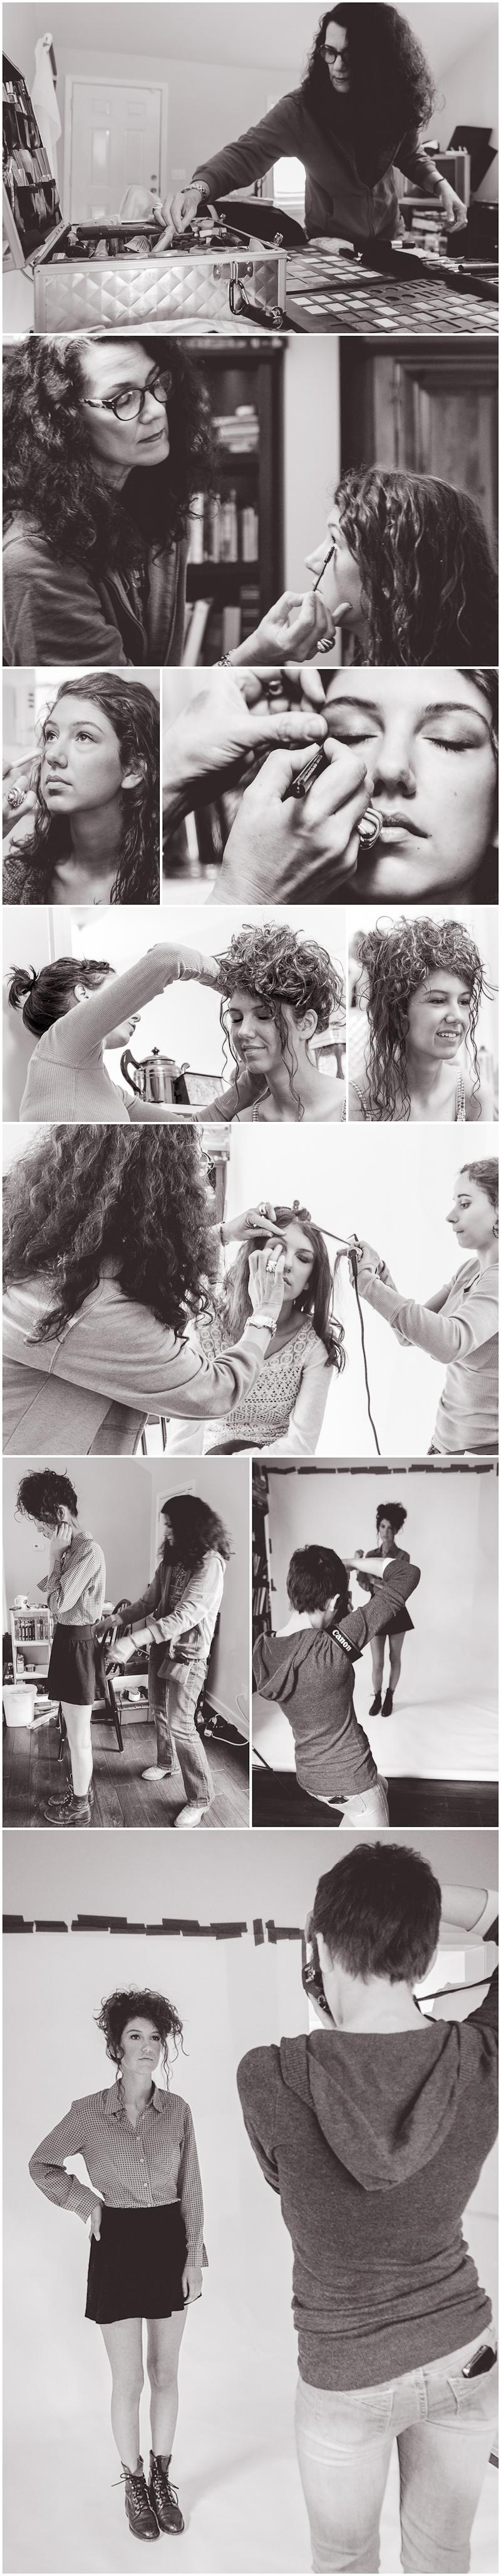 Senior Photography, Nashville, Emily McGonigle Photography, Caroline Grace Gladden